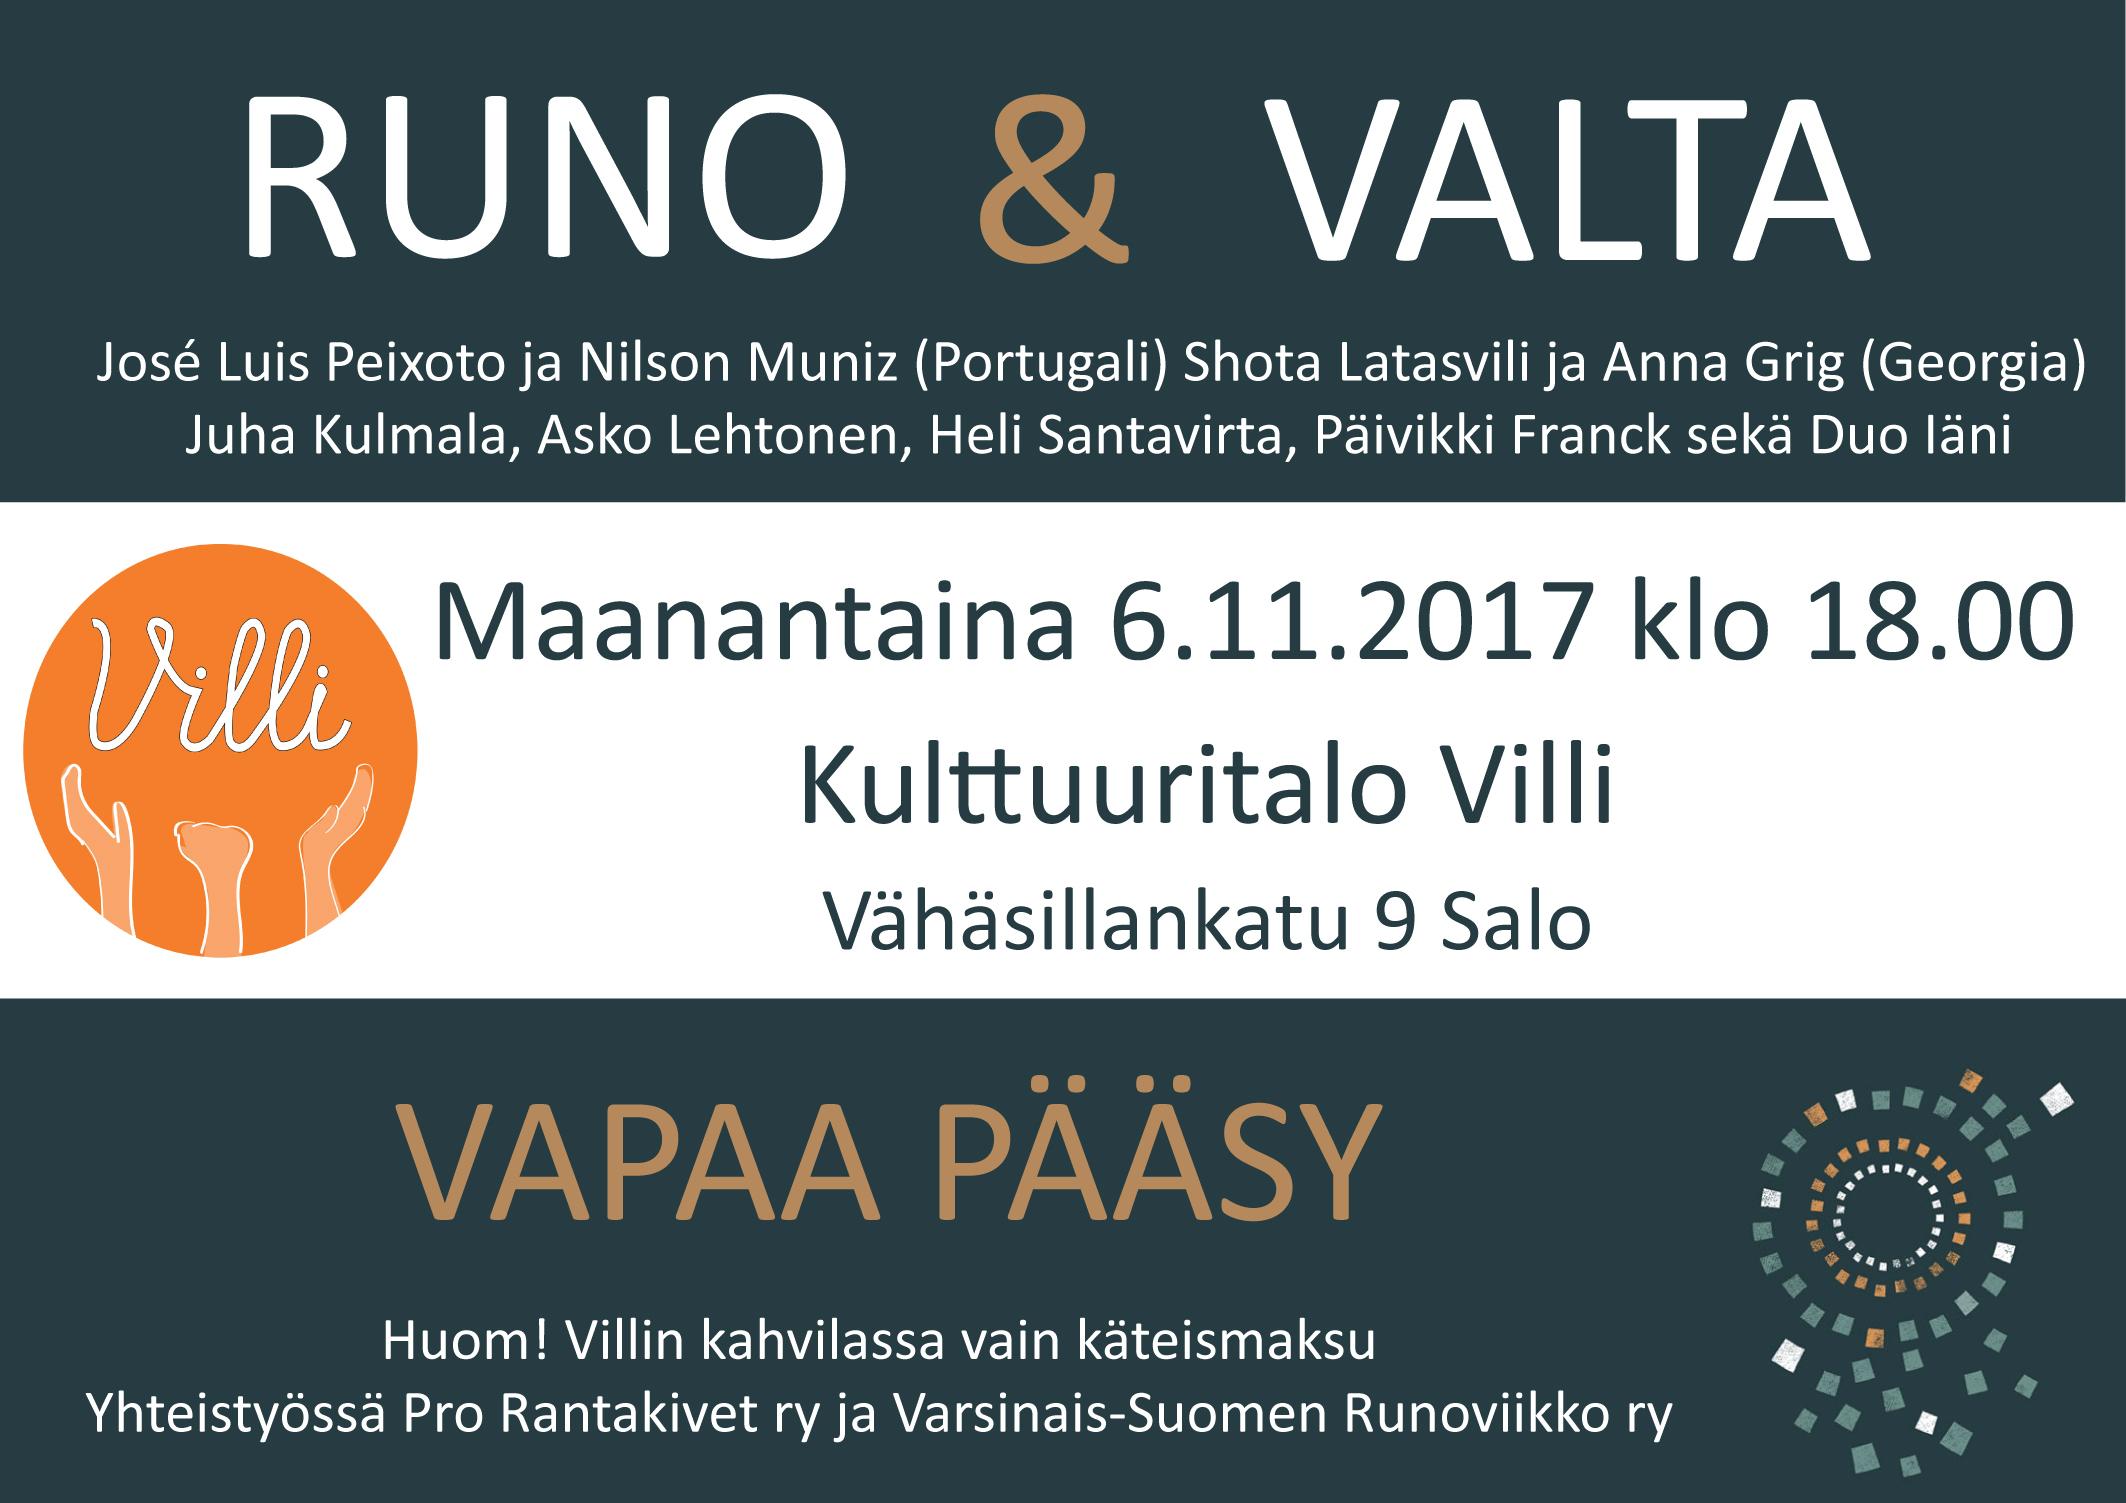 Runo&Valta